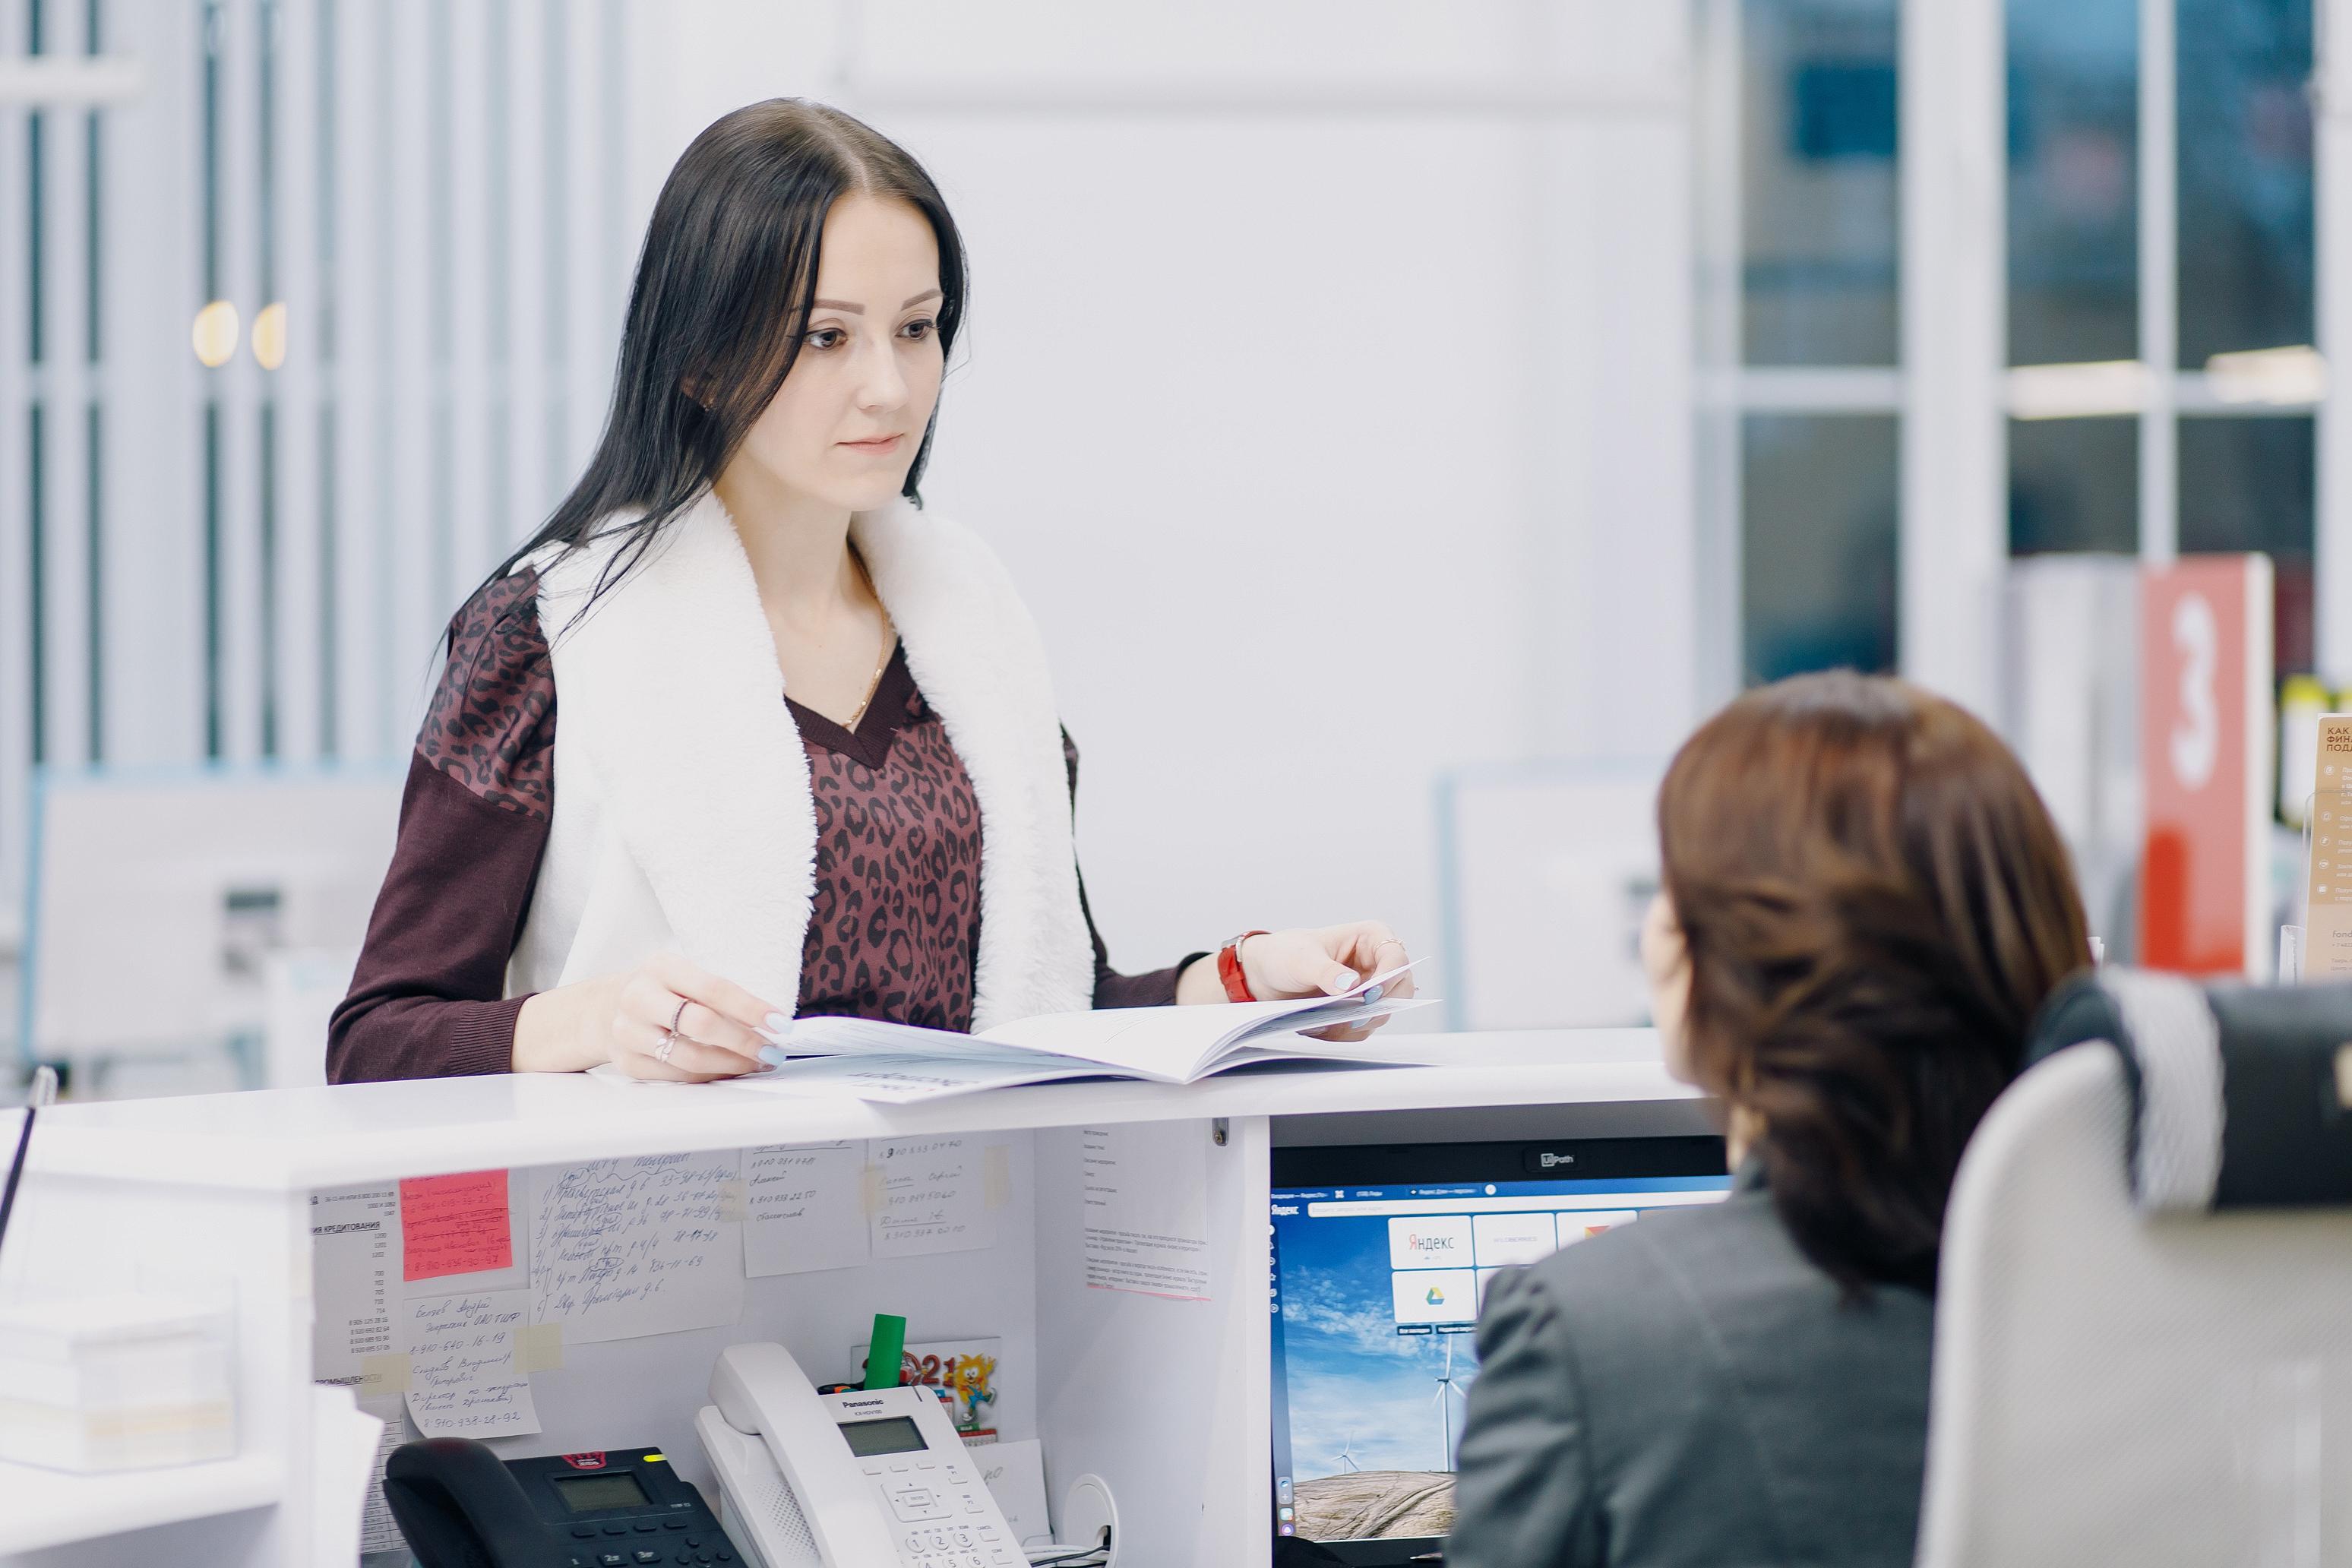 В Тверской области предприниматели до 1 февраля смогут перейти на упрощенную систему налогообложения